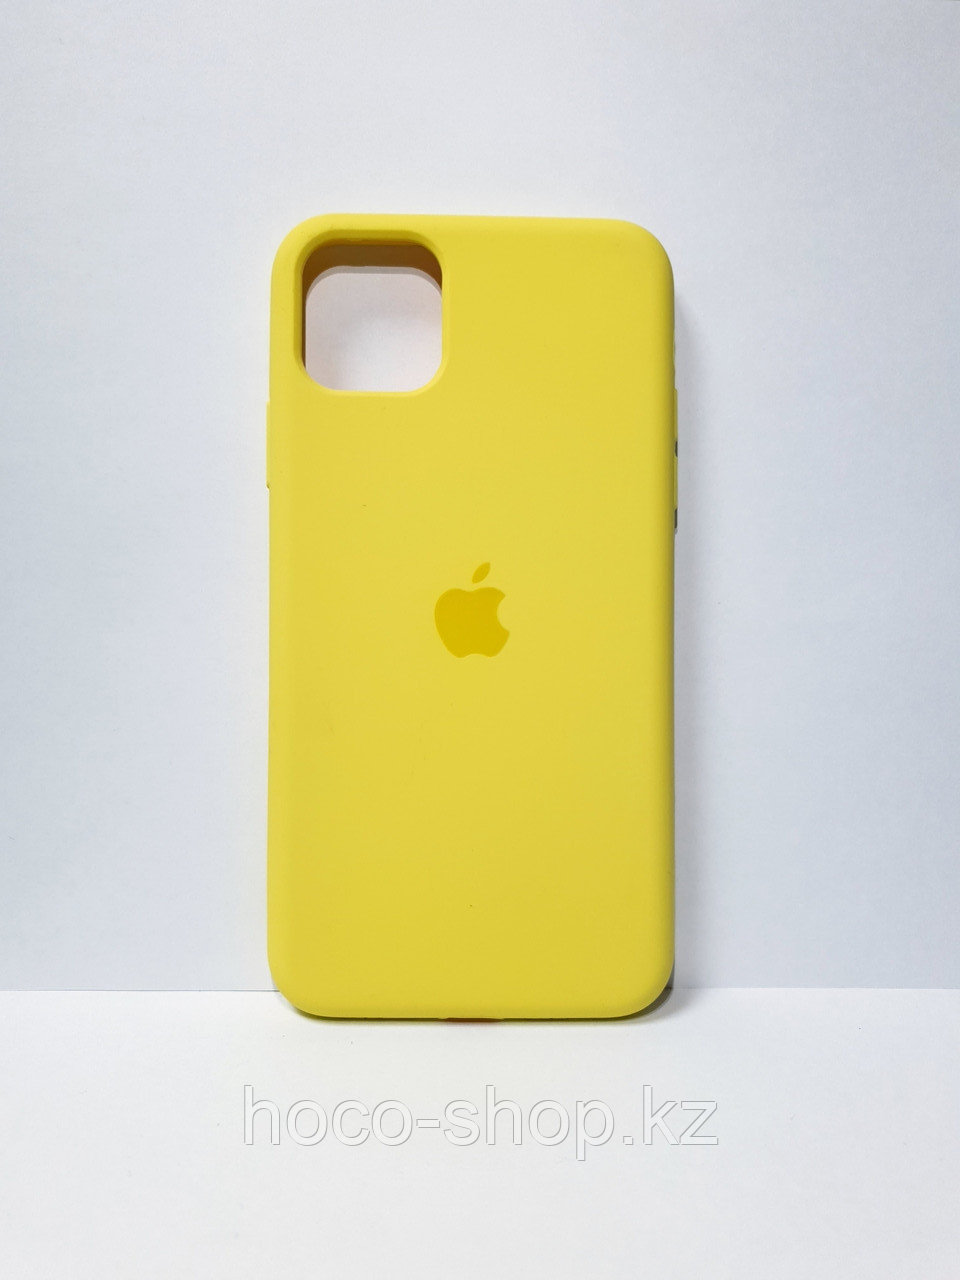 Защитный чехол для iPhone 11 Pro Soft Touch силиконовый, желтый